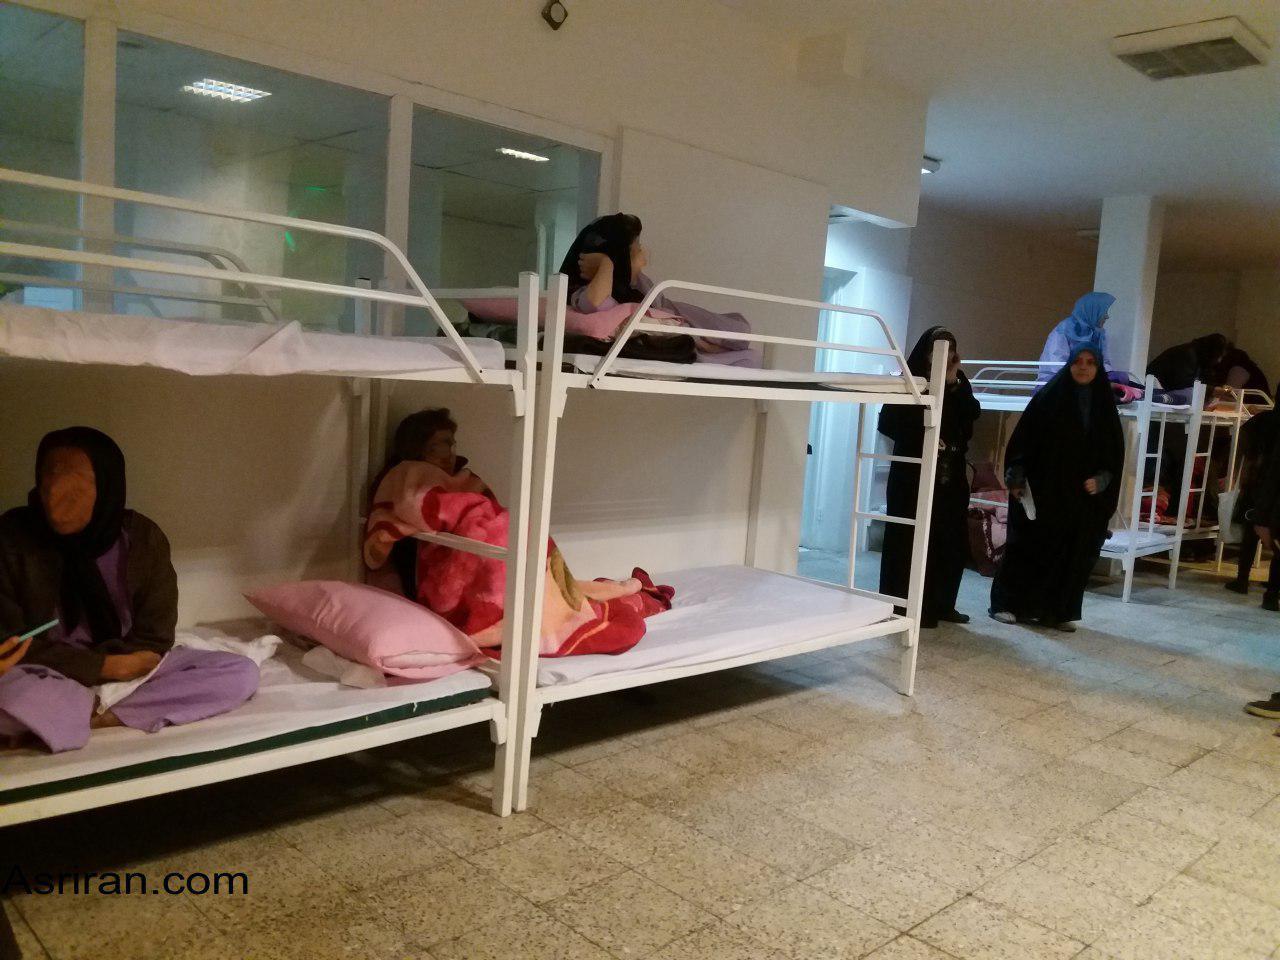 تیمار خُماران را پایانی نیست: از کاخ سفیدِ کارتن خوابها تا زنی با 6 نوزاد بیهویت